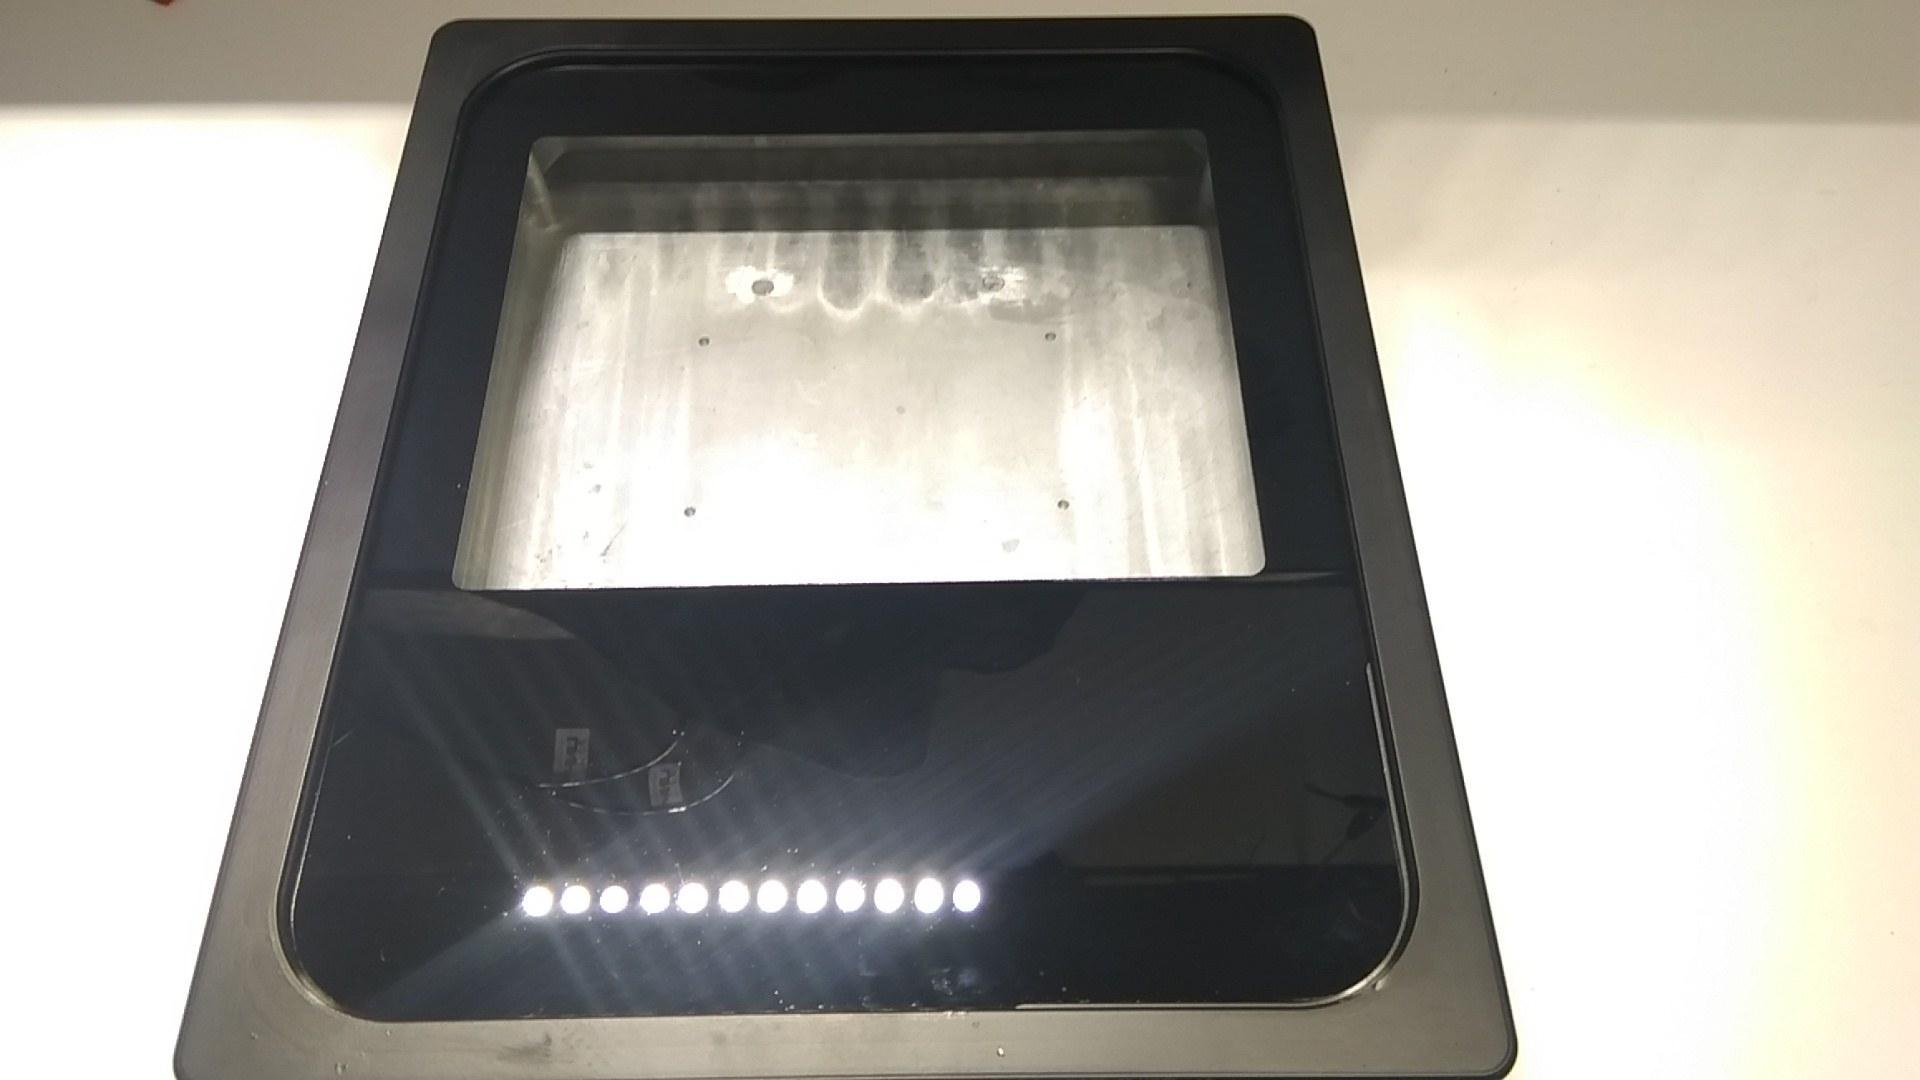 تصویر بدنه کامل پروژکتور ال ای دی 50-70 وات